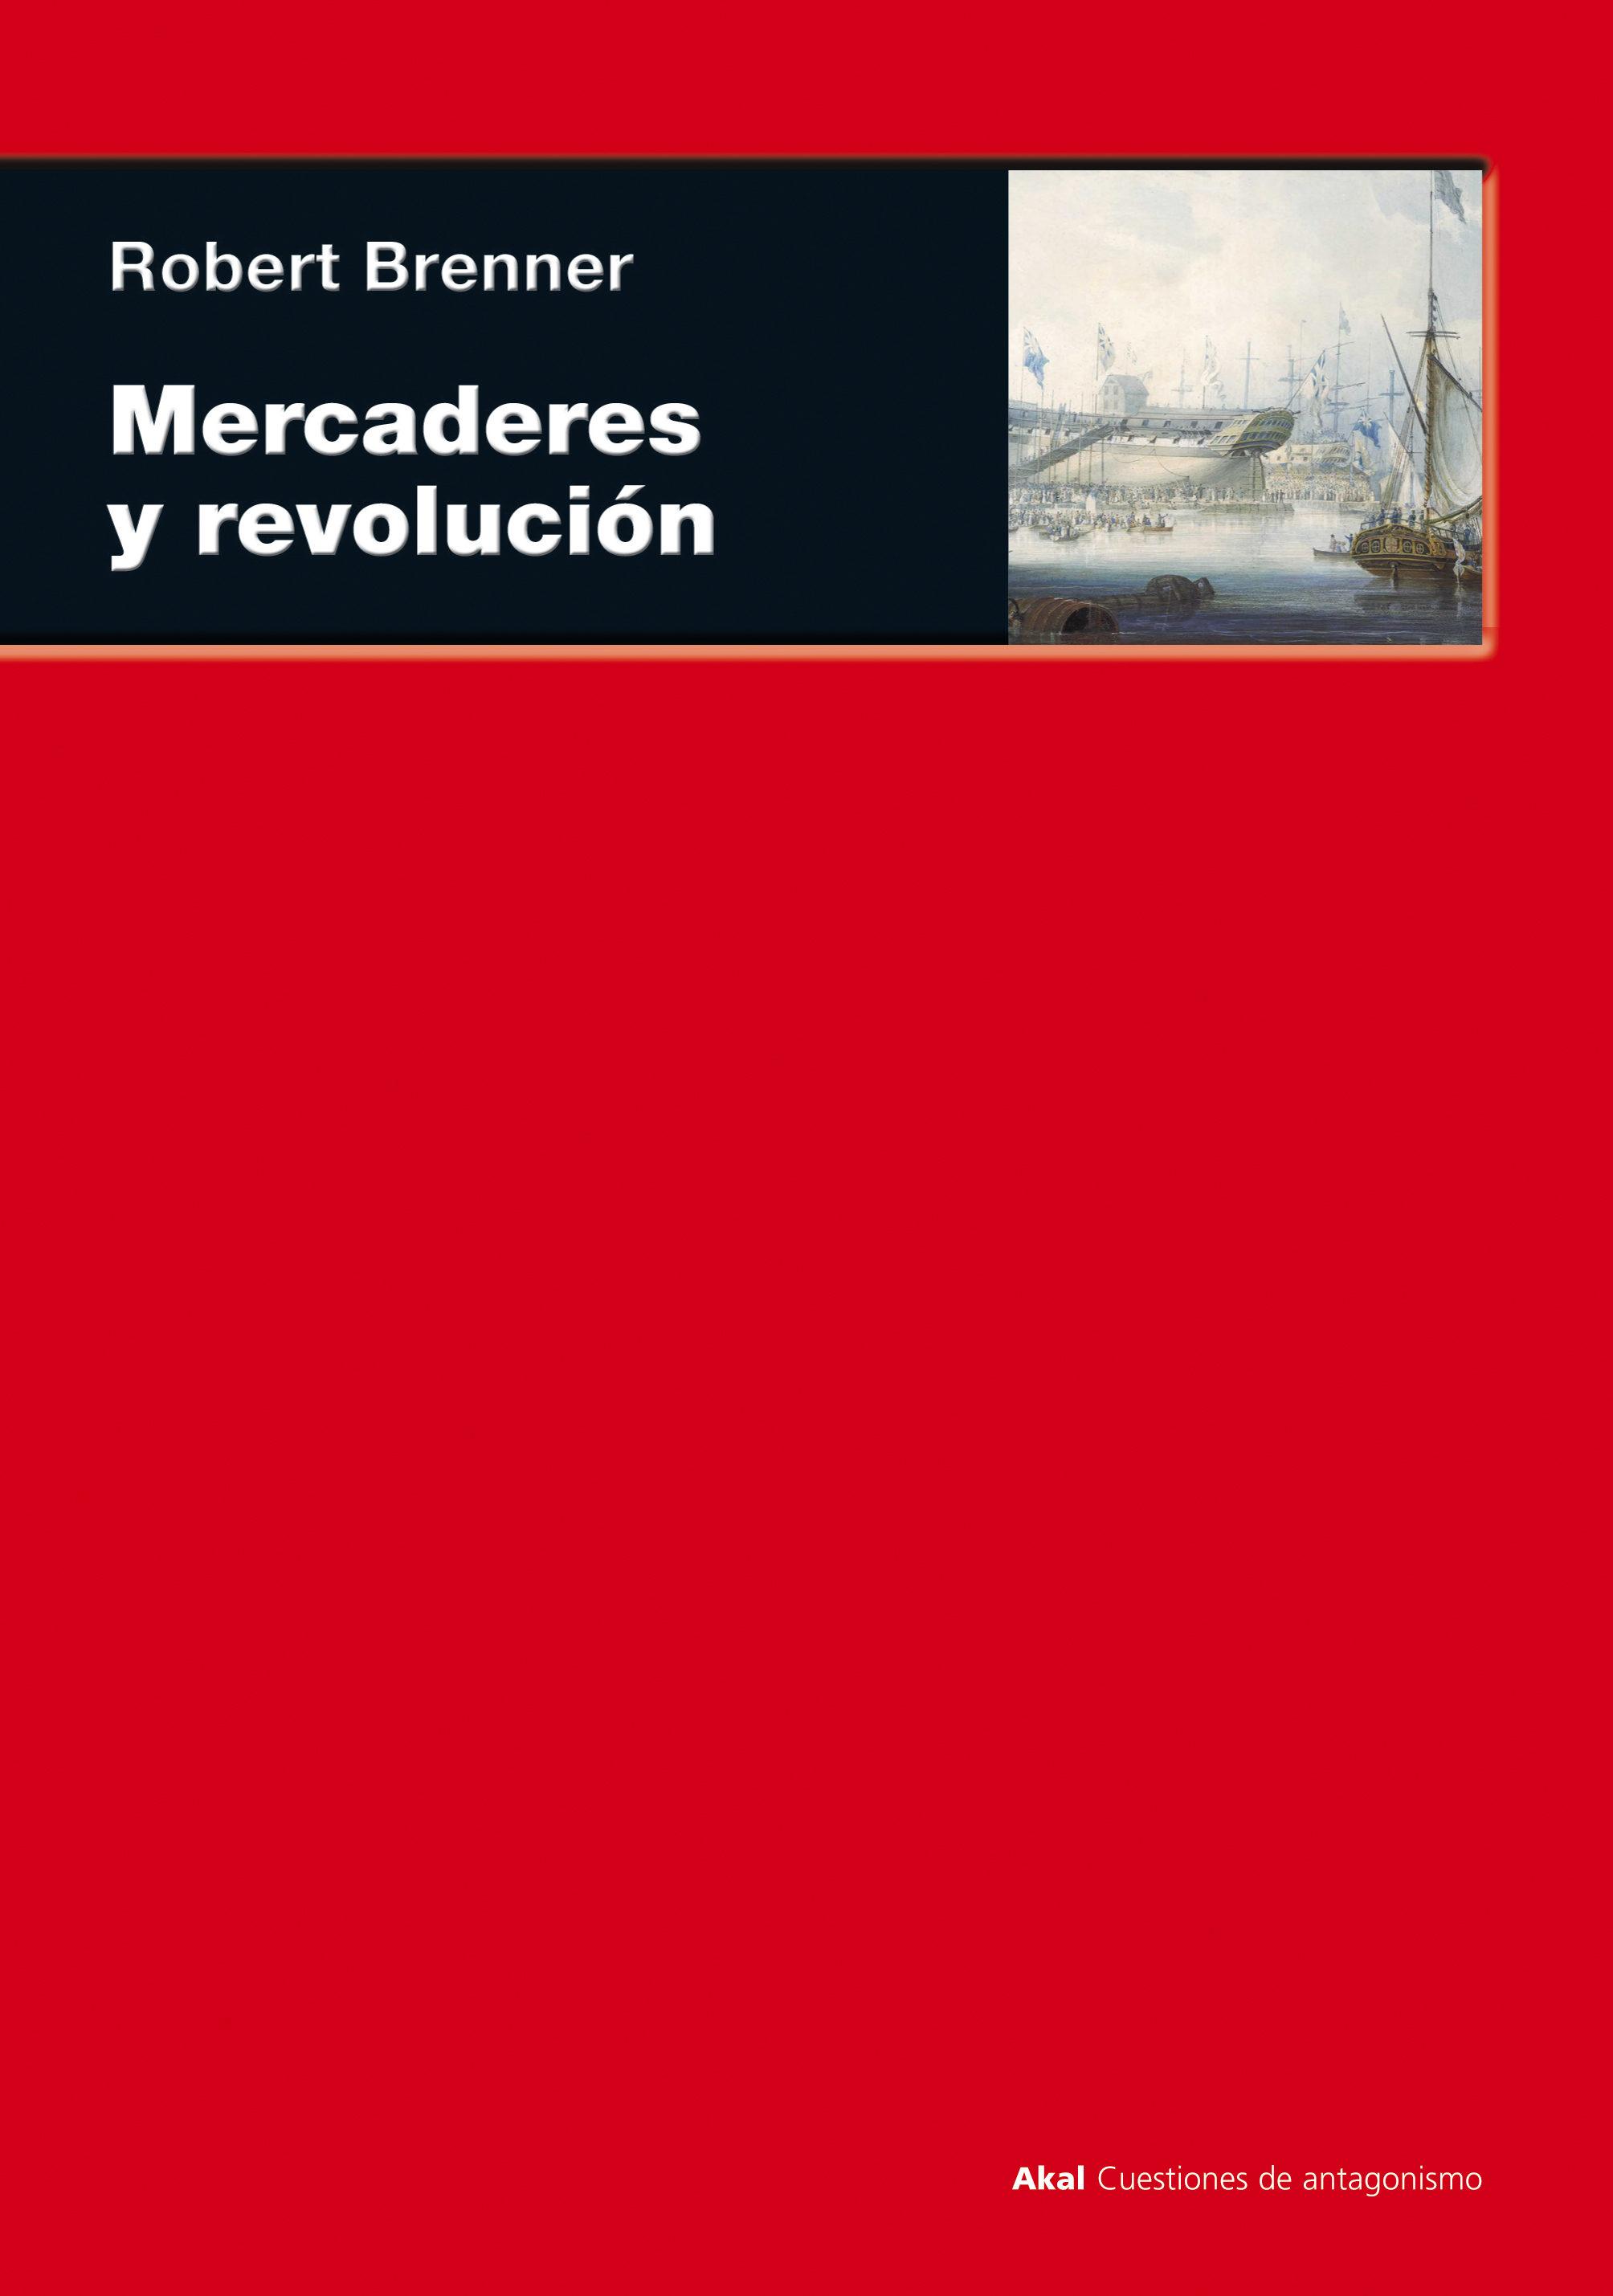 Mercaderes Y Revolucion: Transformacion Comercial, Conflicto Poli Tico Y Mercaderes De Ultramar Londinenses por Robert Brenner